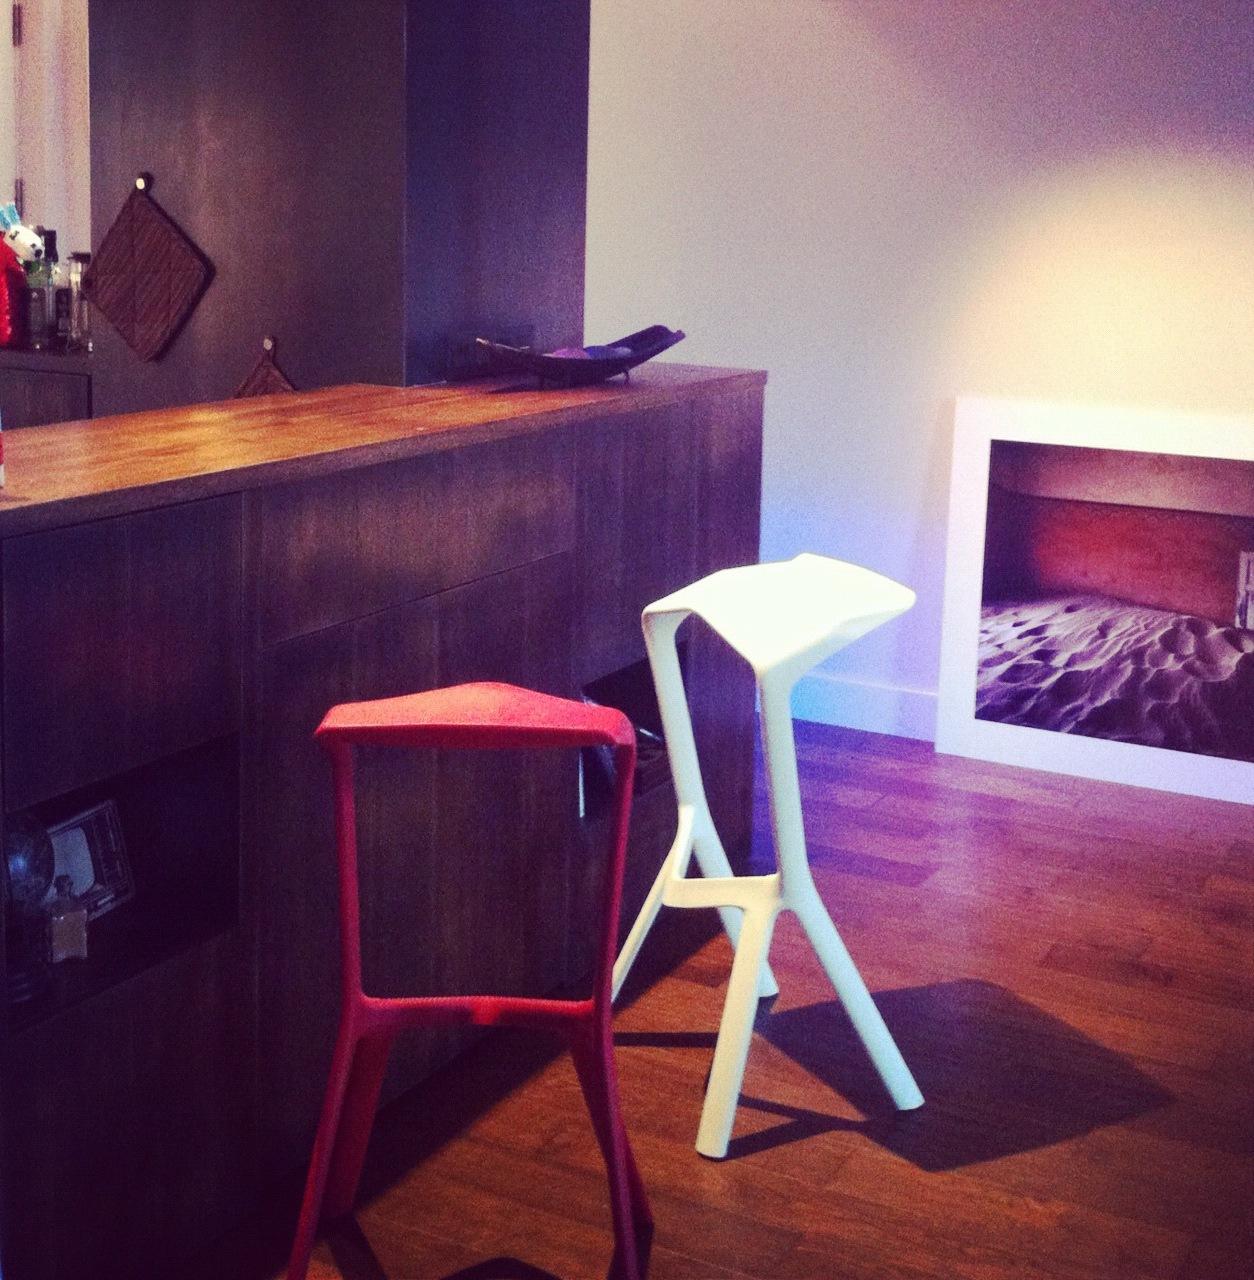 Mesa de comedor para apartamentos peque os la urbana for Remodelacion apartamentos pequenos